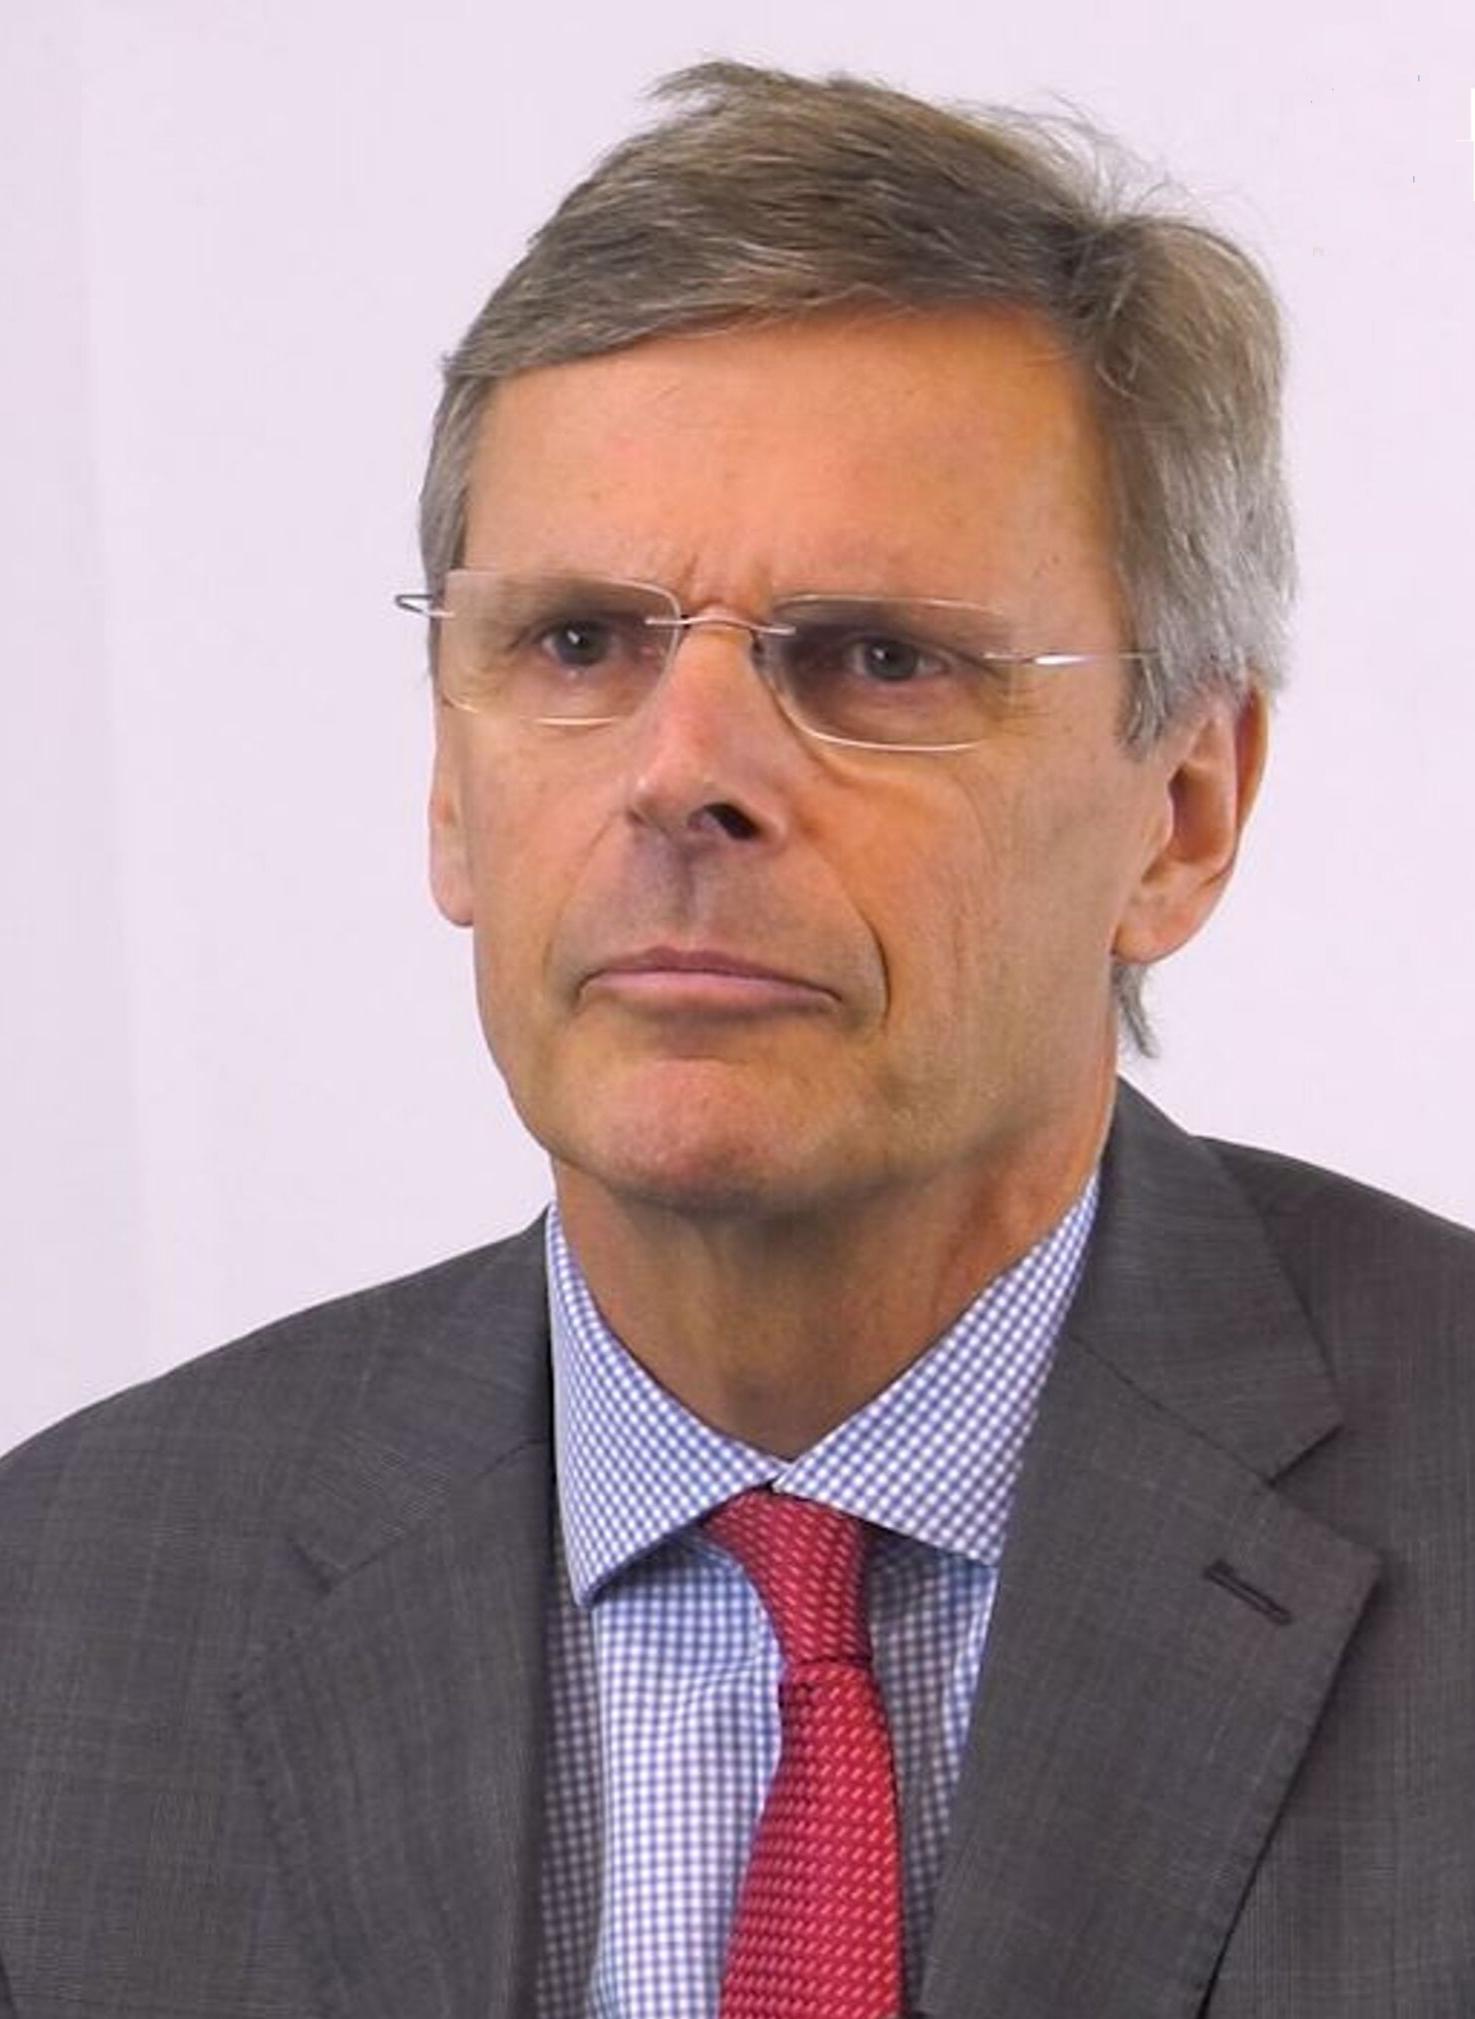 John Wilkinson, GMDN Agency